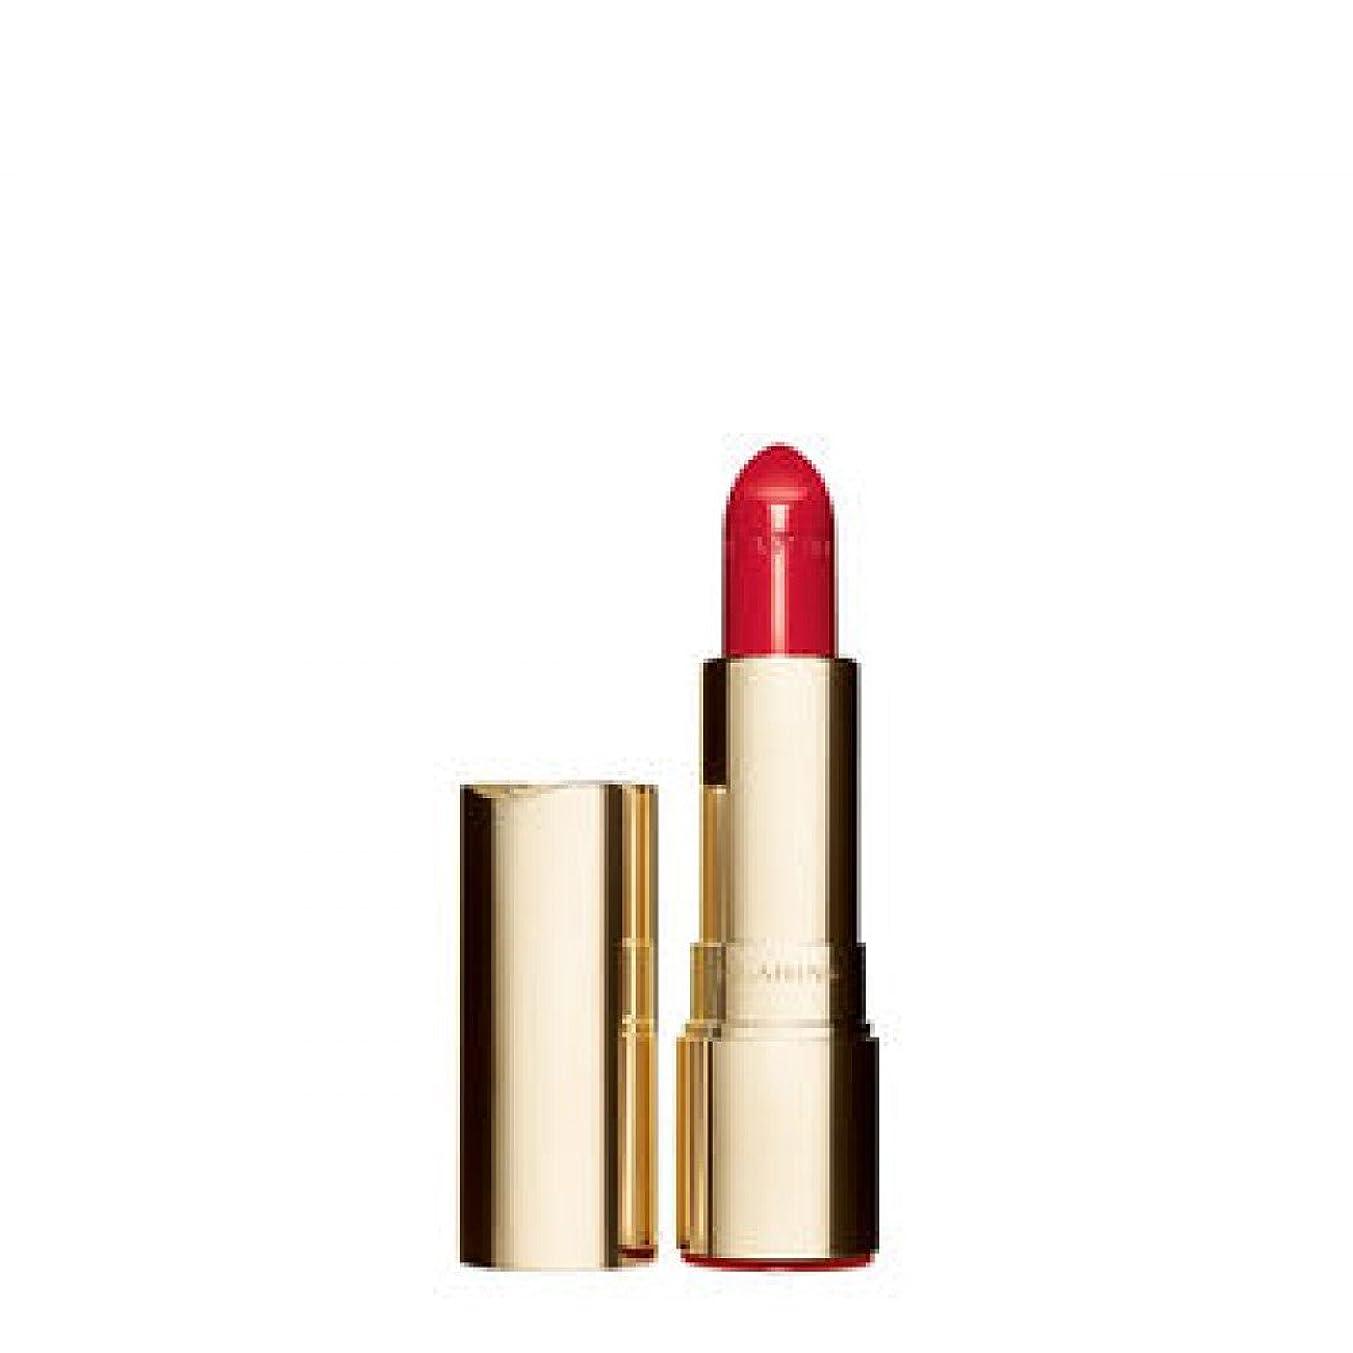 脊椎不良品欲しいですクラランス Joli Rouge (Long Wearing Moisturizing Lipstick) - # 760 Pink Cranberry 3.5g/0.1oz並行輸入品